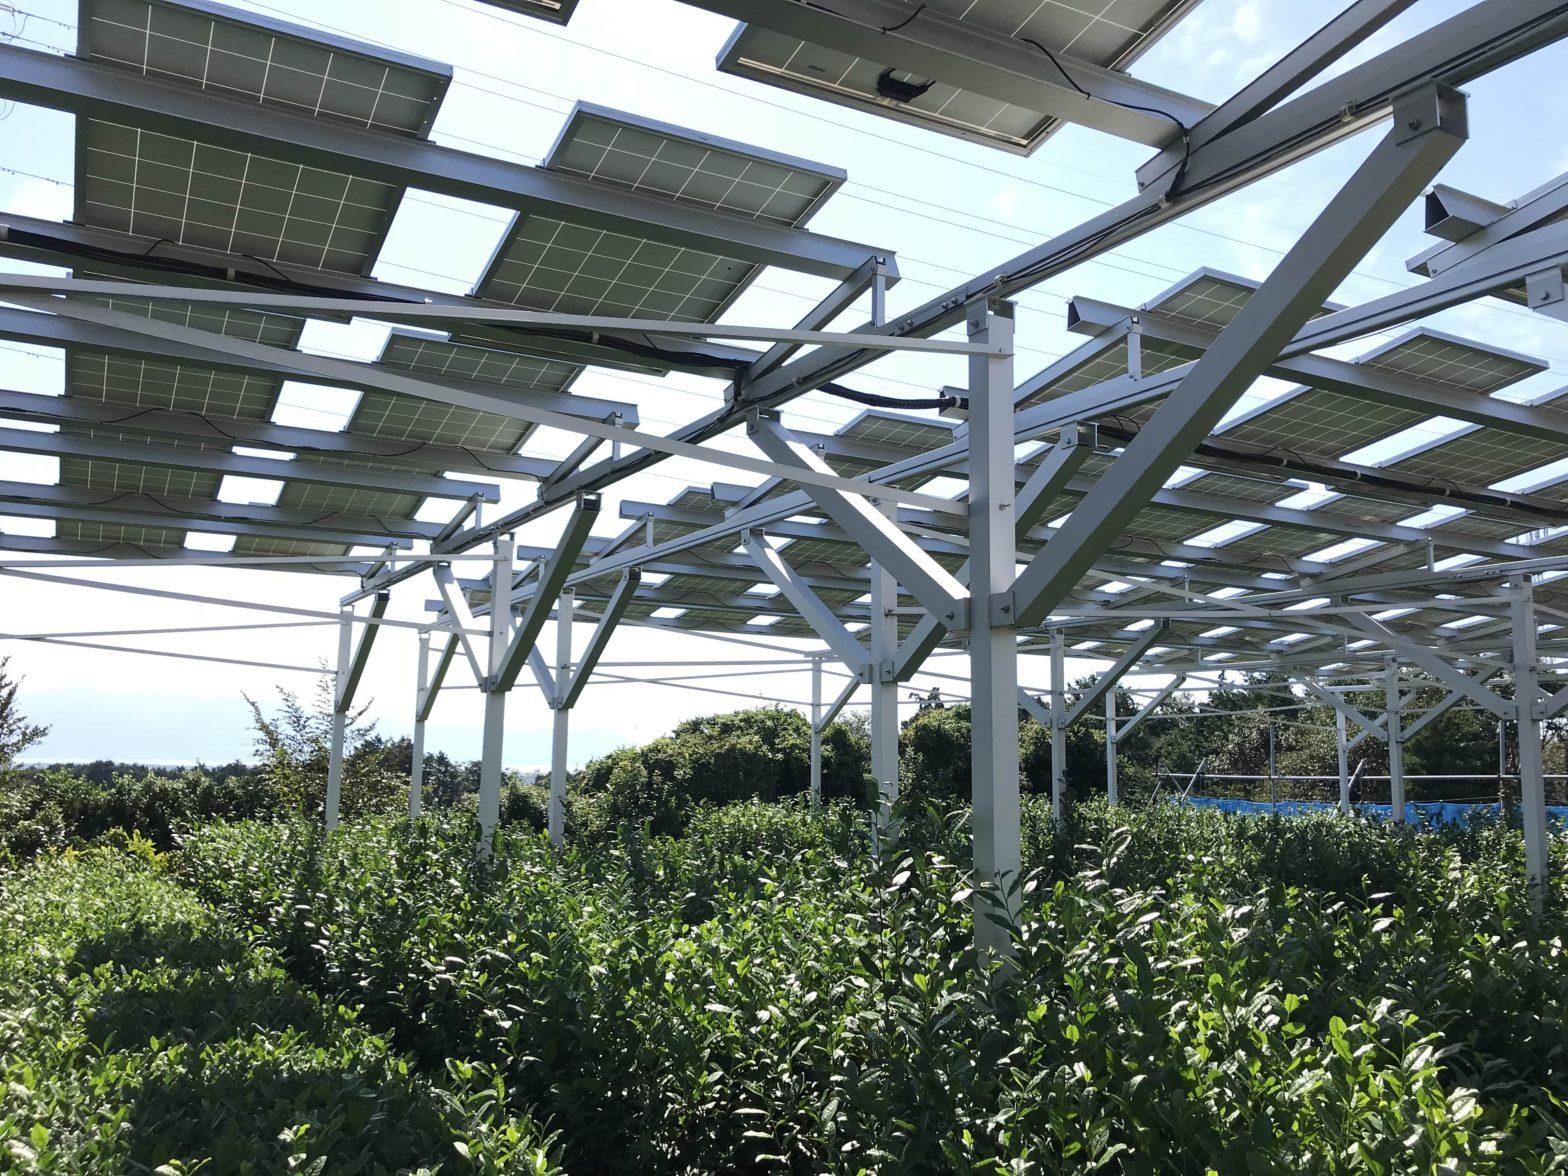 2020年度のソーラーシェアリングFIT認定条件農地転用10年許可について